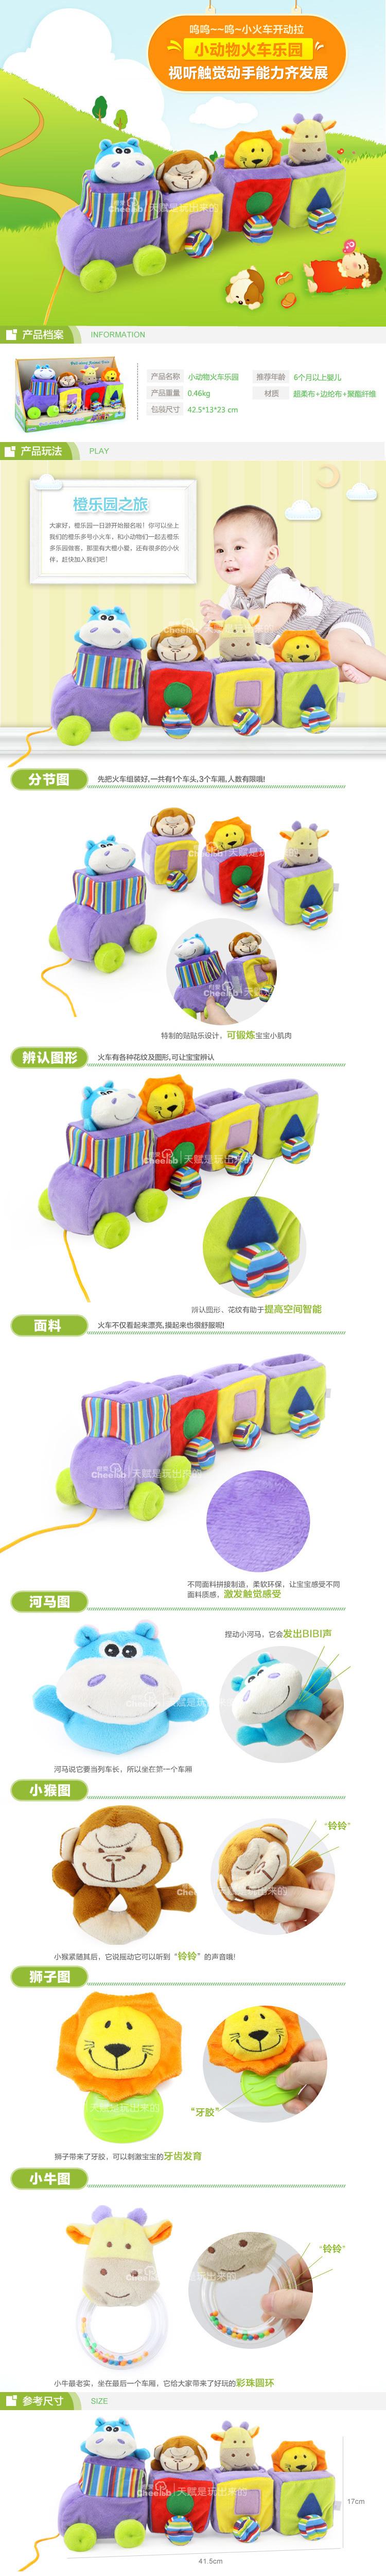 橙爱cheerbb益智玩具专场小动物火车乐园布制玩具